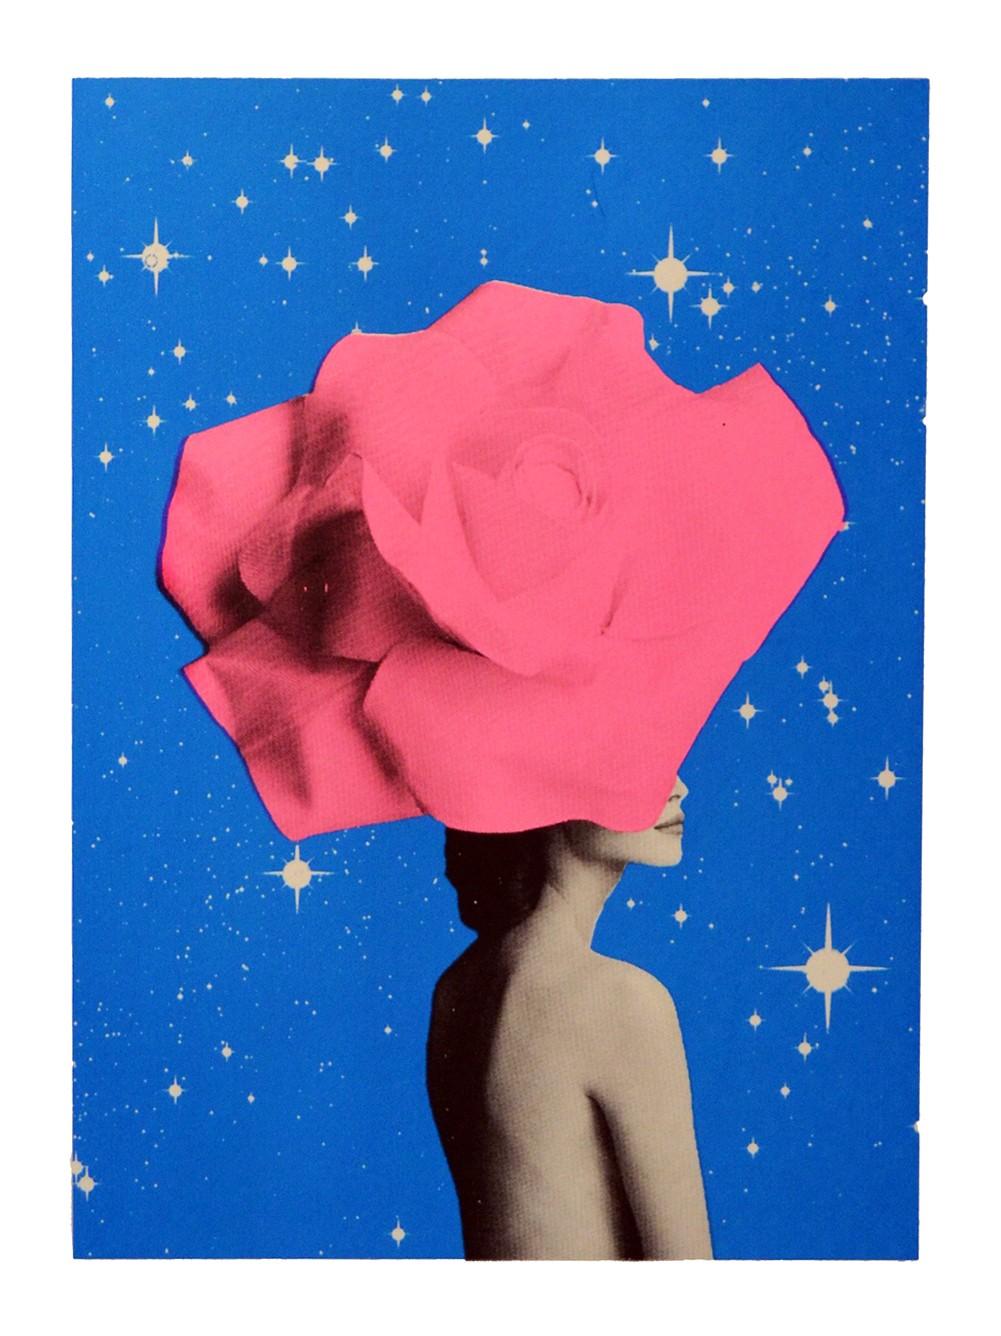 Anne Storno, The Secret Woman, 2017, silkscreen print, edition of 30, £160, ContemporArti